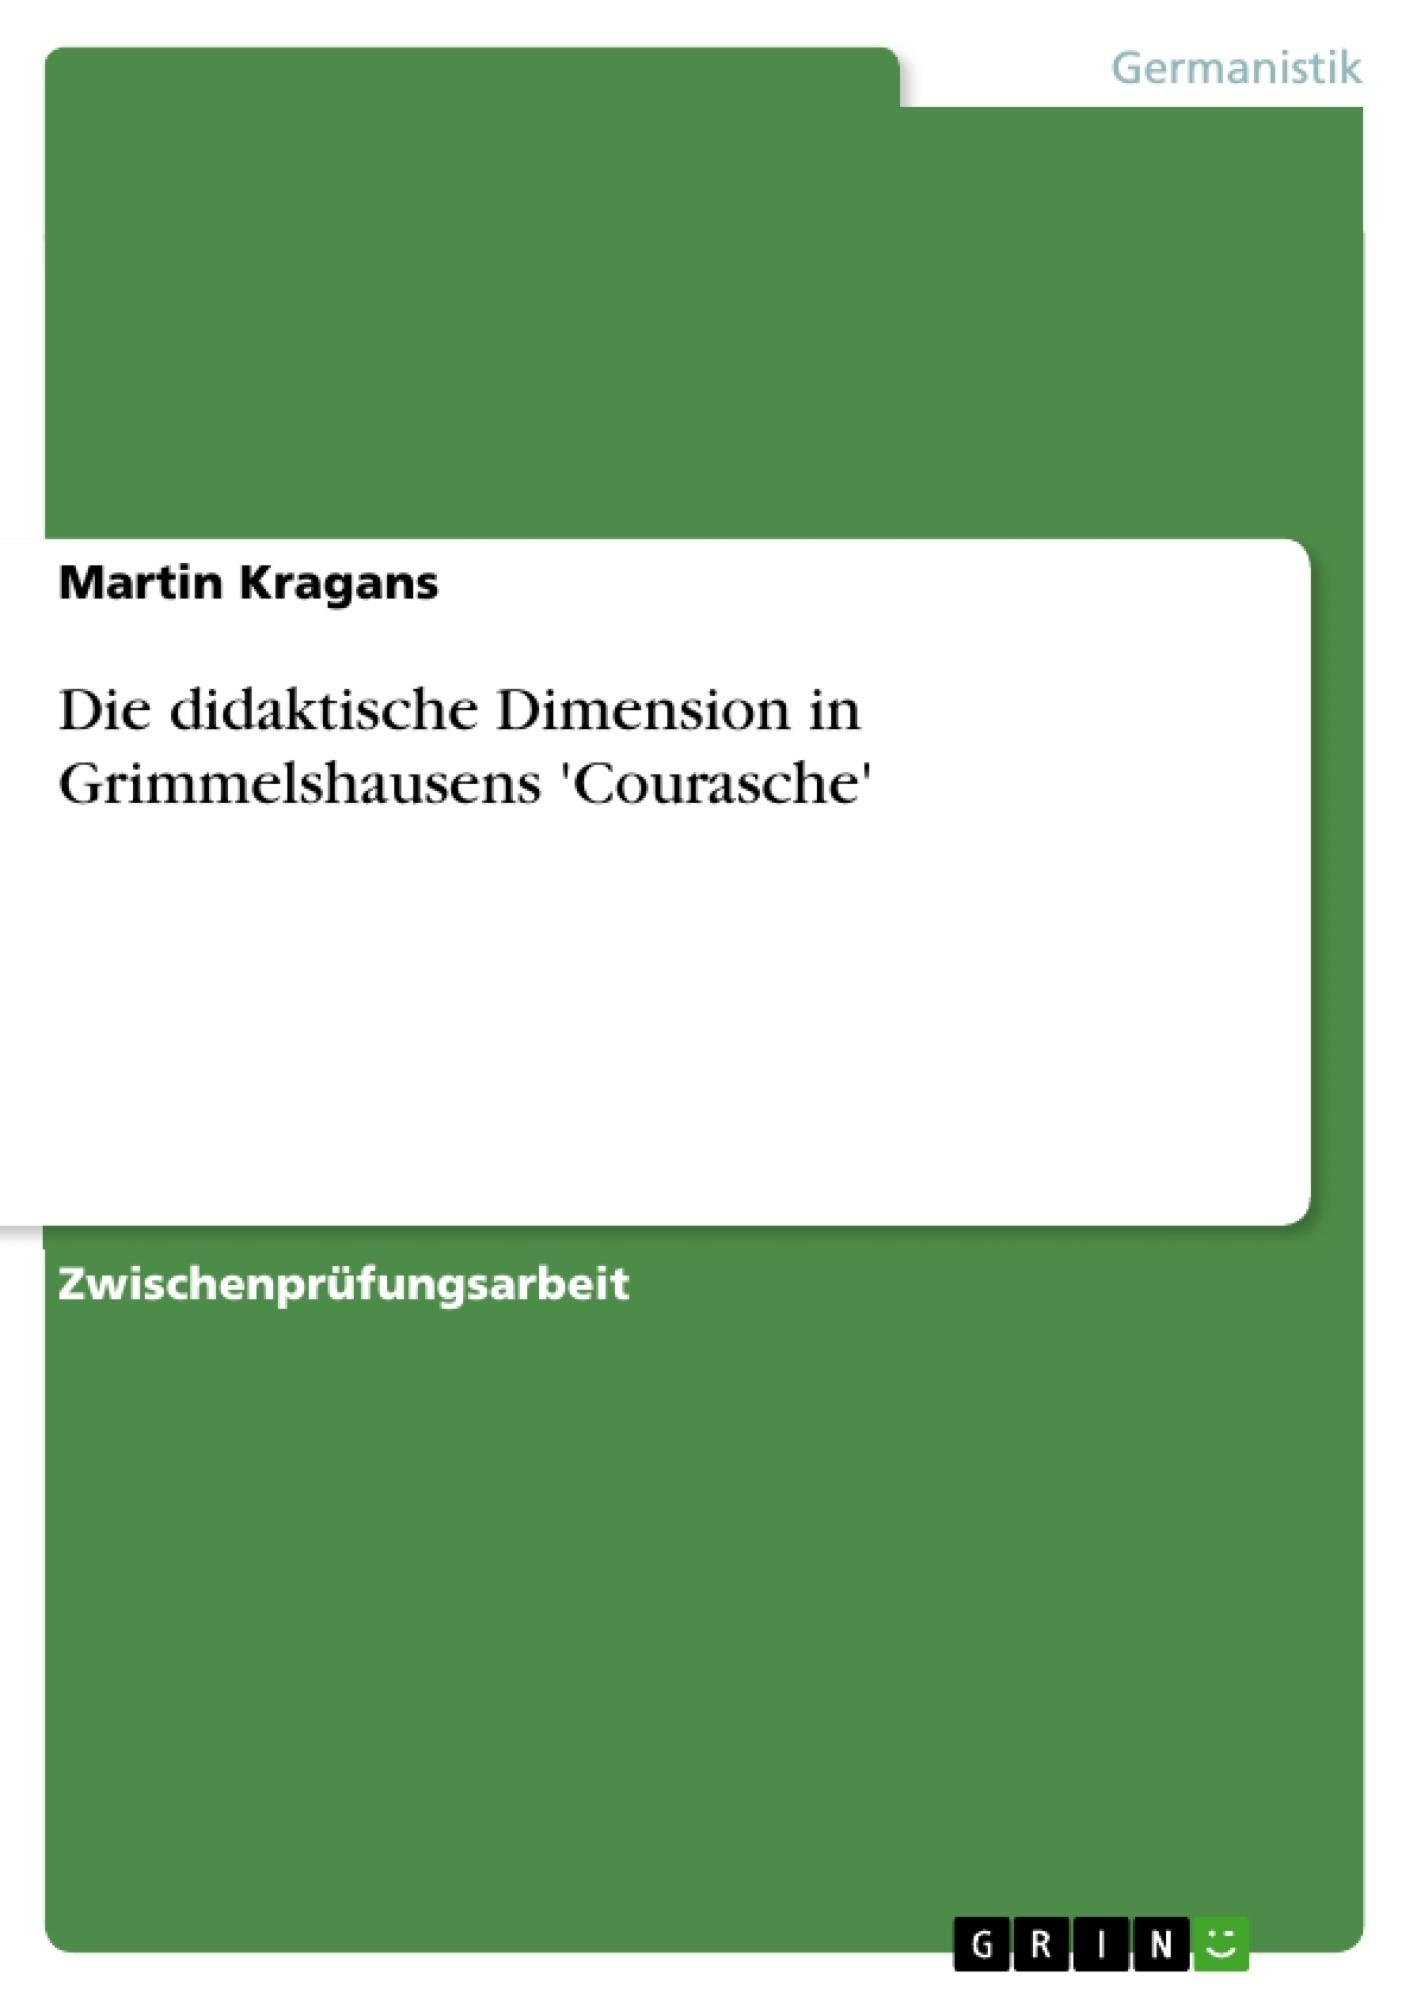 Titel: Die didaktische Dimension in Grimmelshausens 'Courasche'